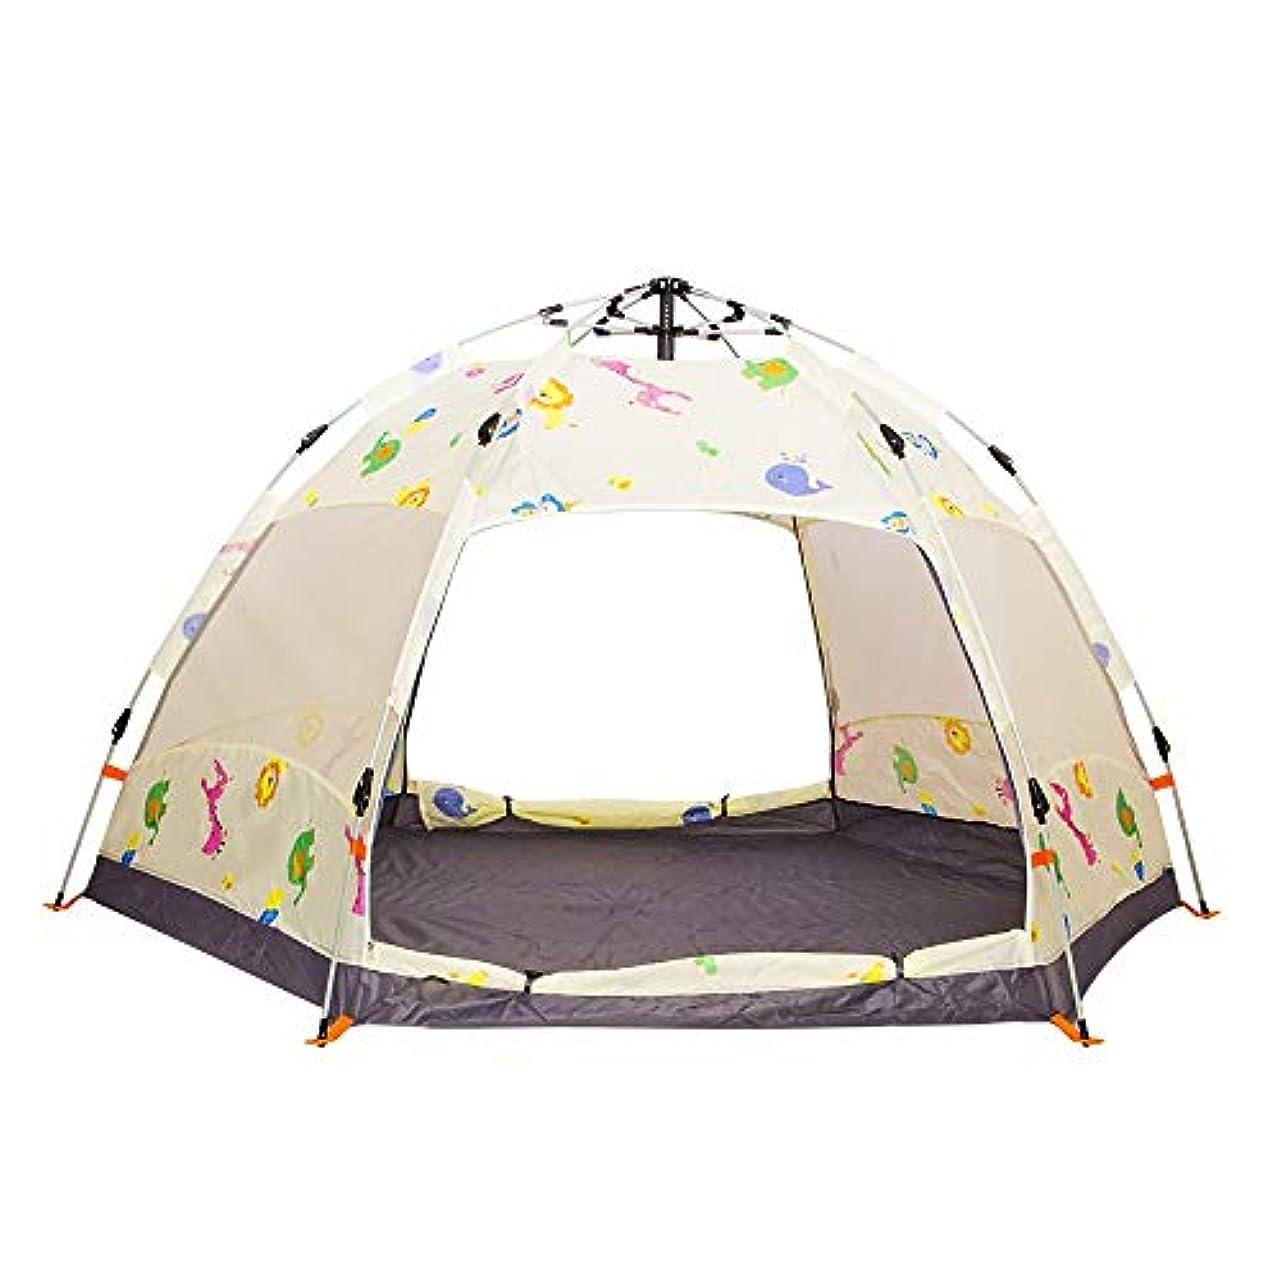 権威超高層ビル肥料Ruzzy 自動ポップアップキャンプテントポータブル3?5人家族のテント防水ダブルドアベントネットウィンドウ - 理想的なシェルターキャンプハイキング野外活動防水と抗UV折りたたみ防水通気性屋外テント 購入へようこそ (Color : White)